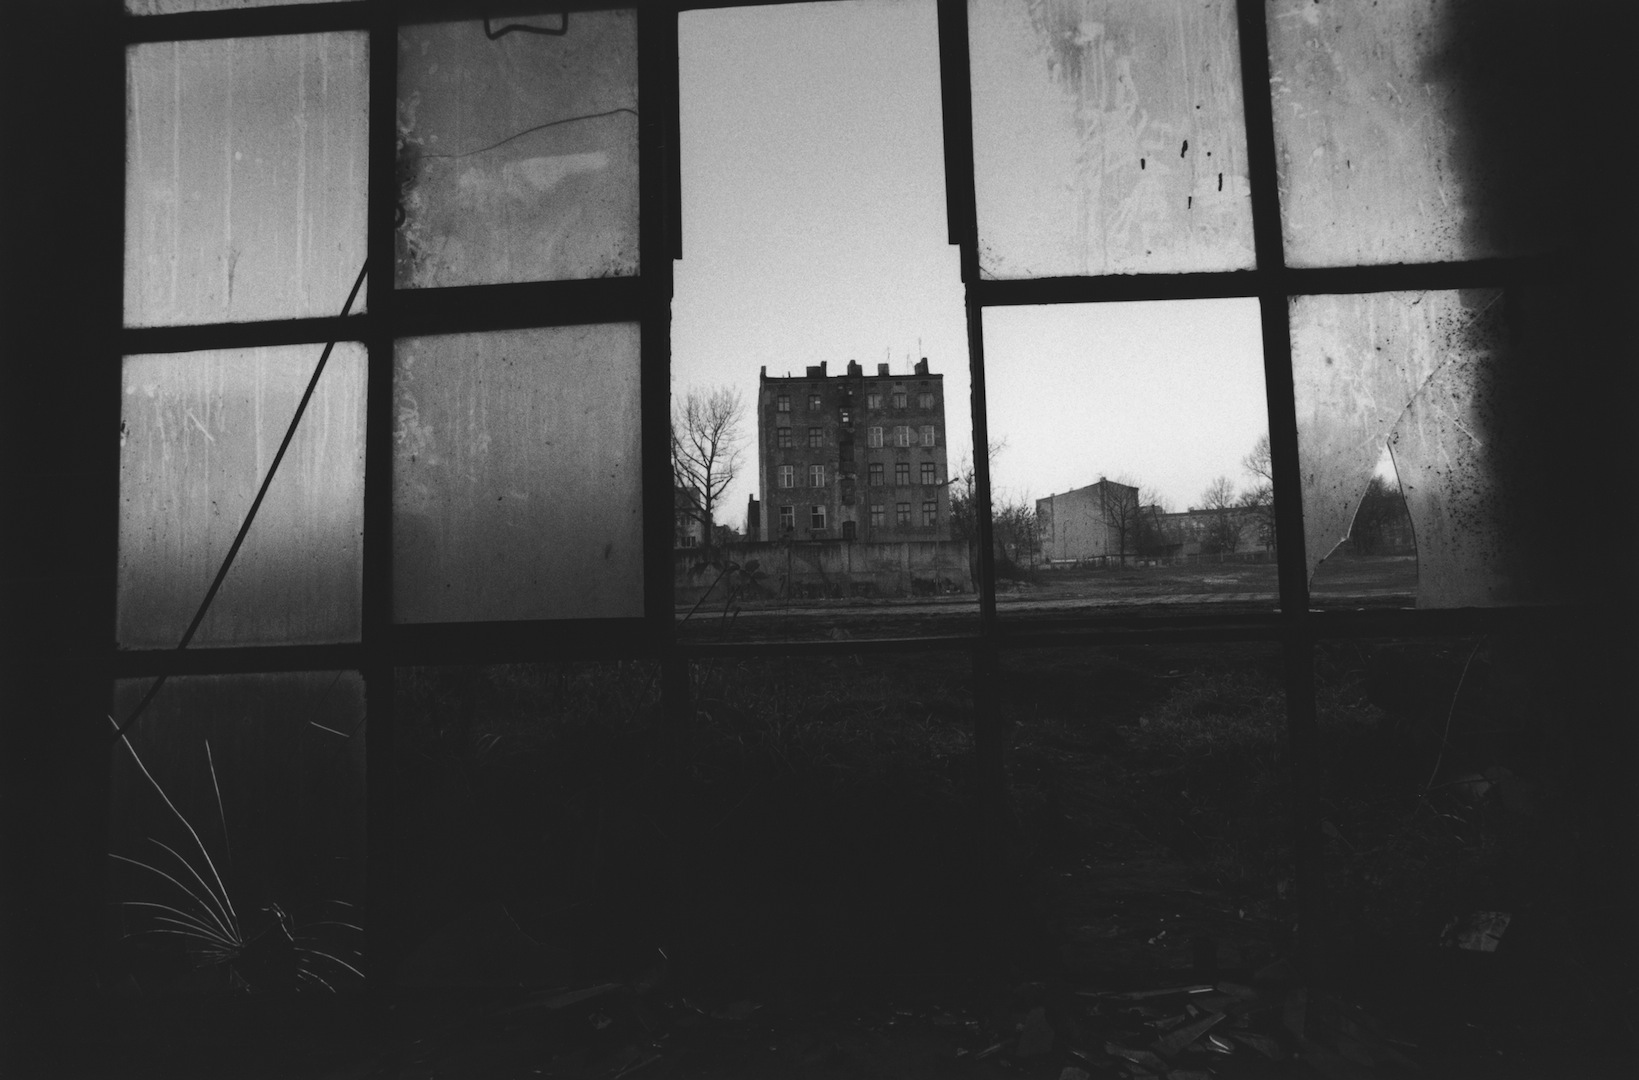 Fotografia: David Lynch, ultima chiamata per vedere le immagini in mostra a Bologna